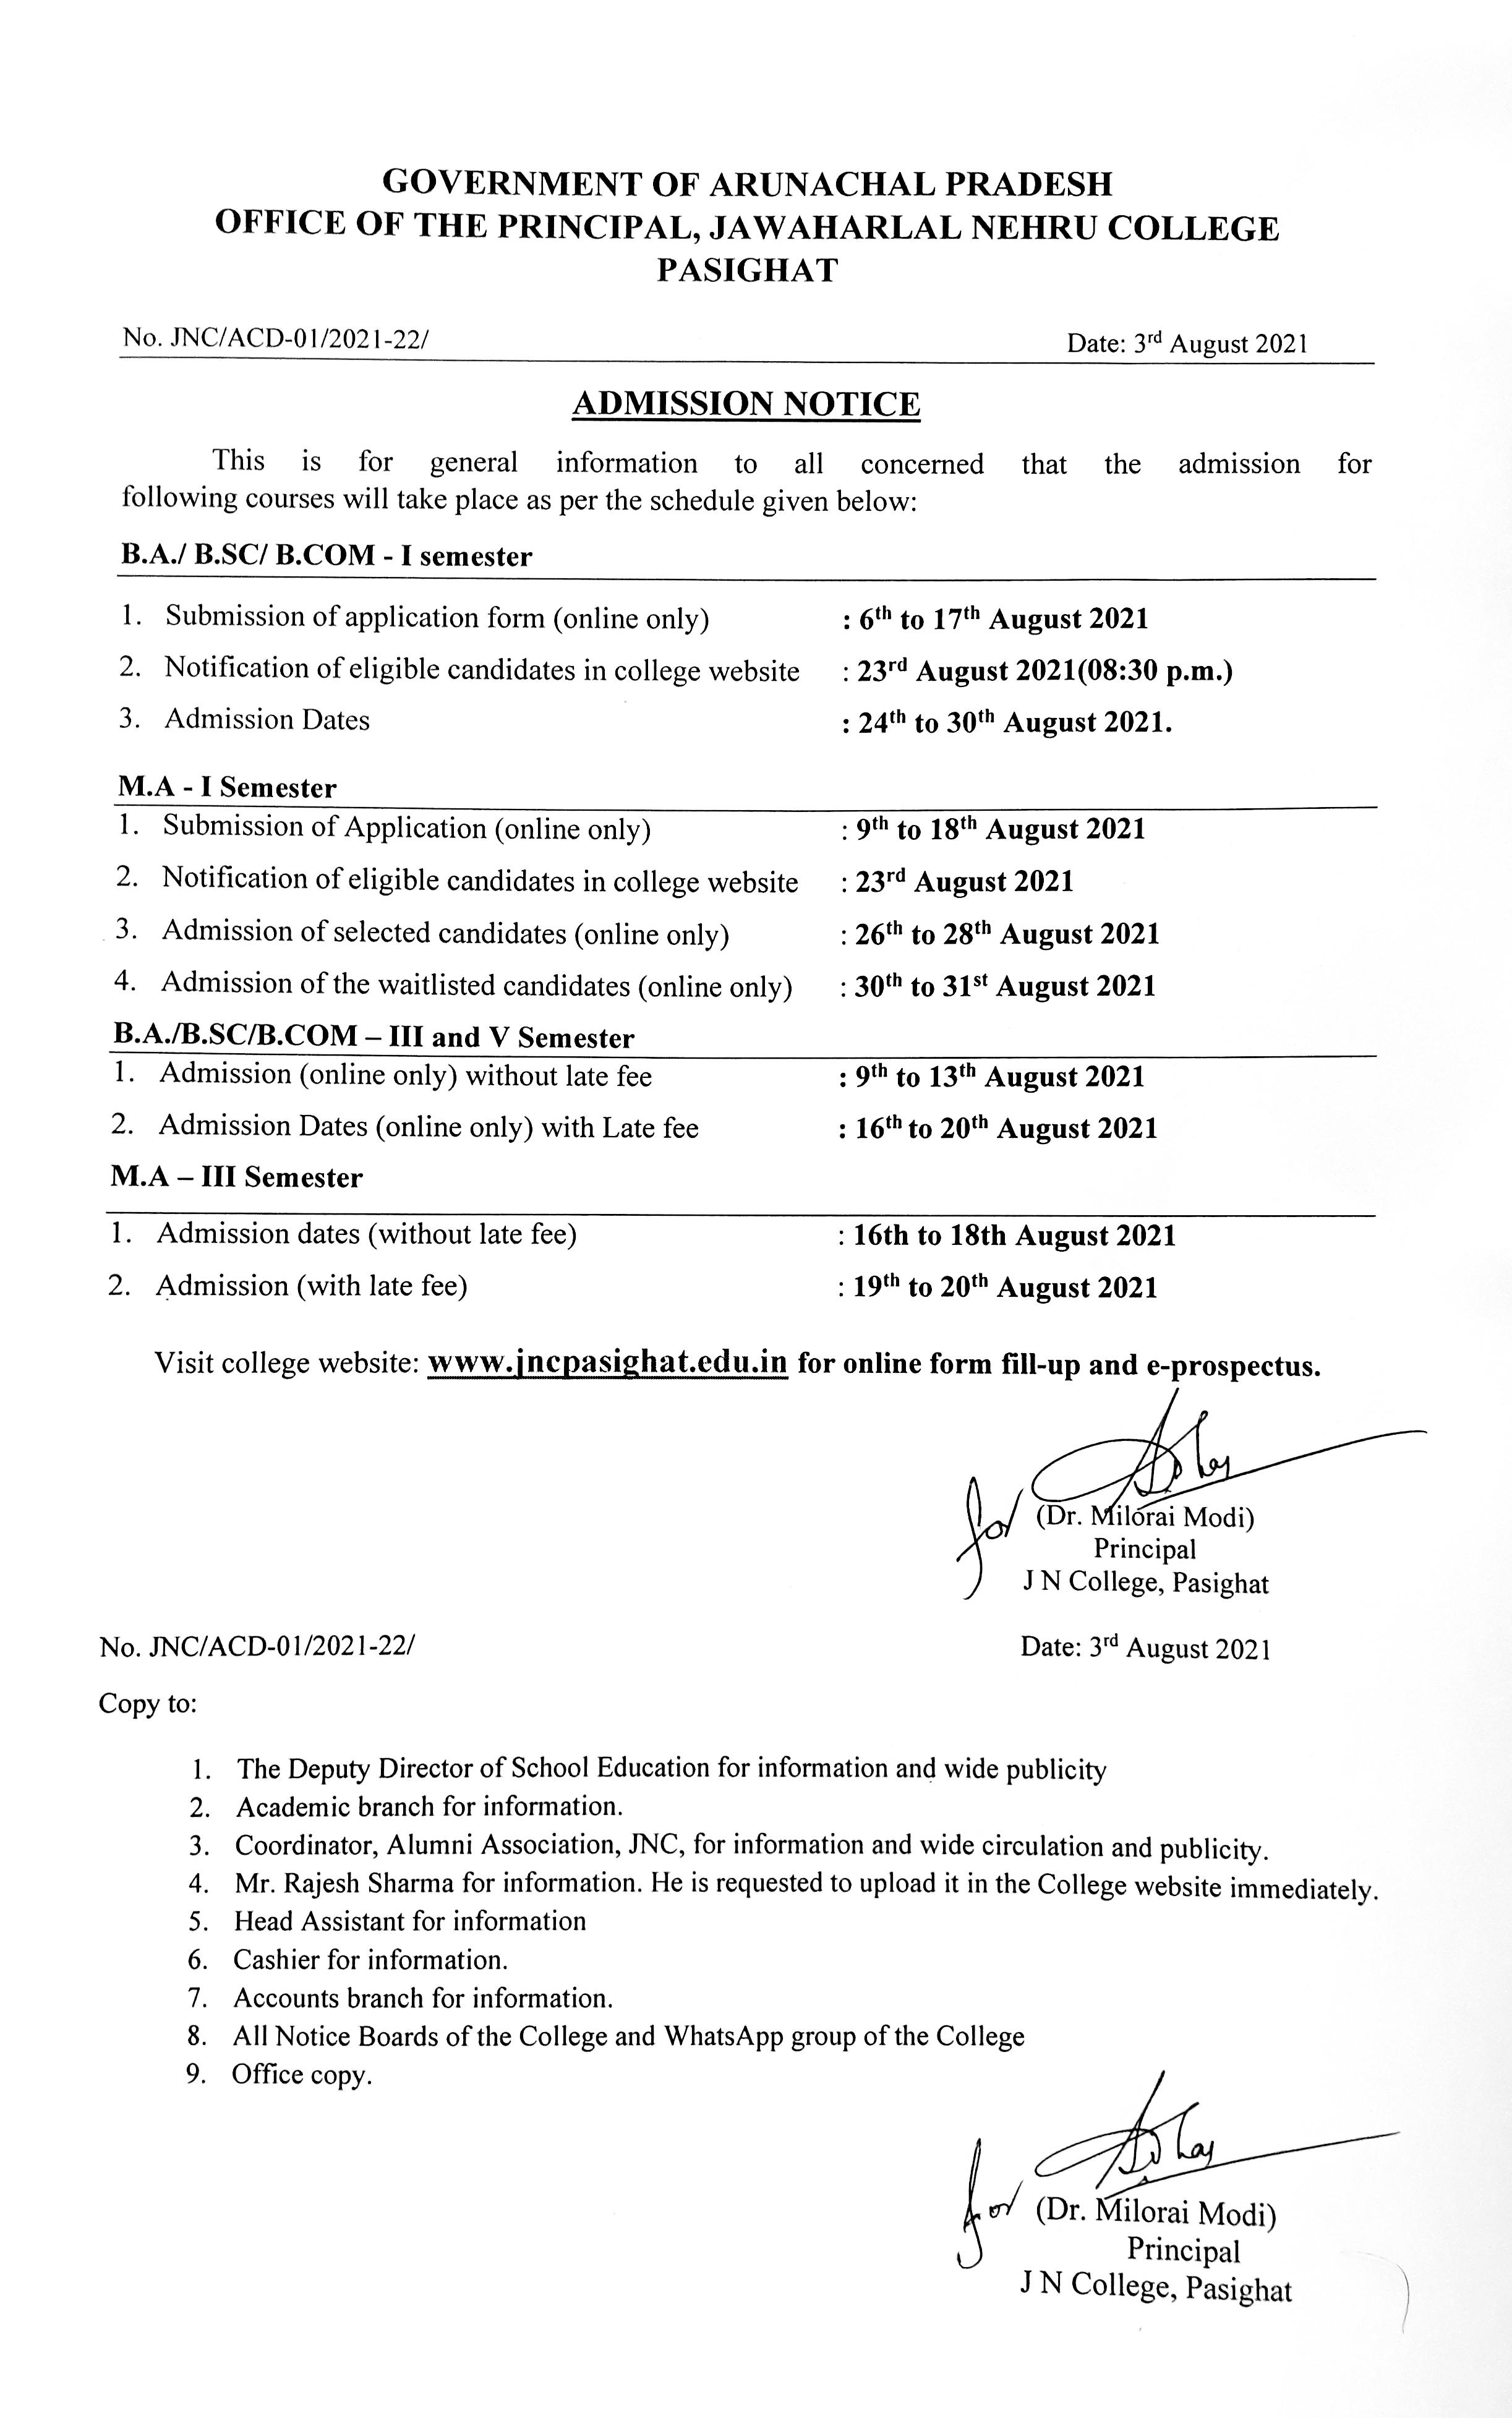 jnc pasighat online admission notice 2021-22 download merit list schedule